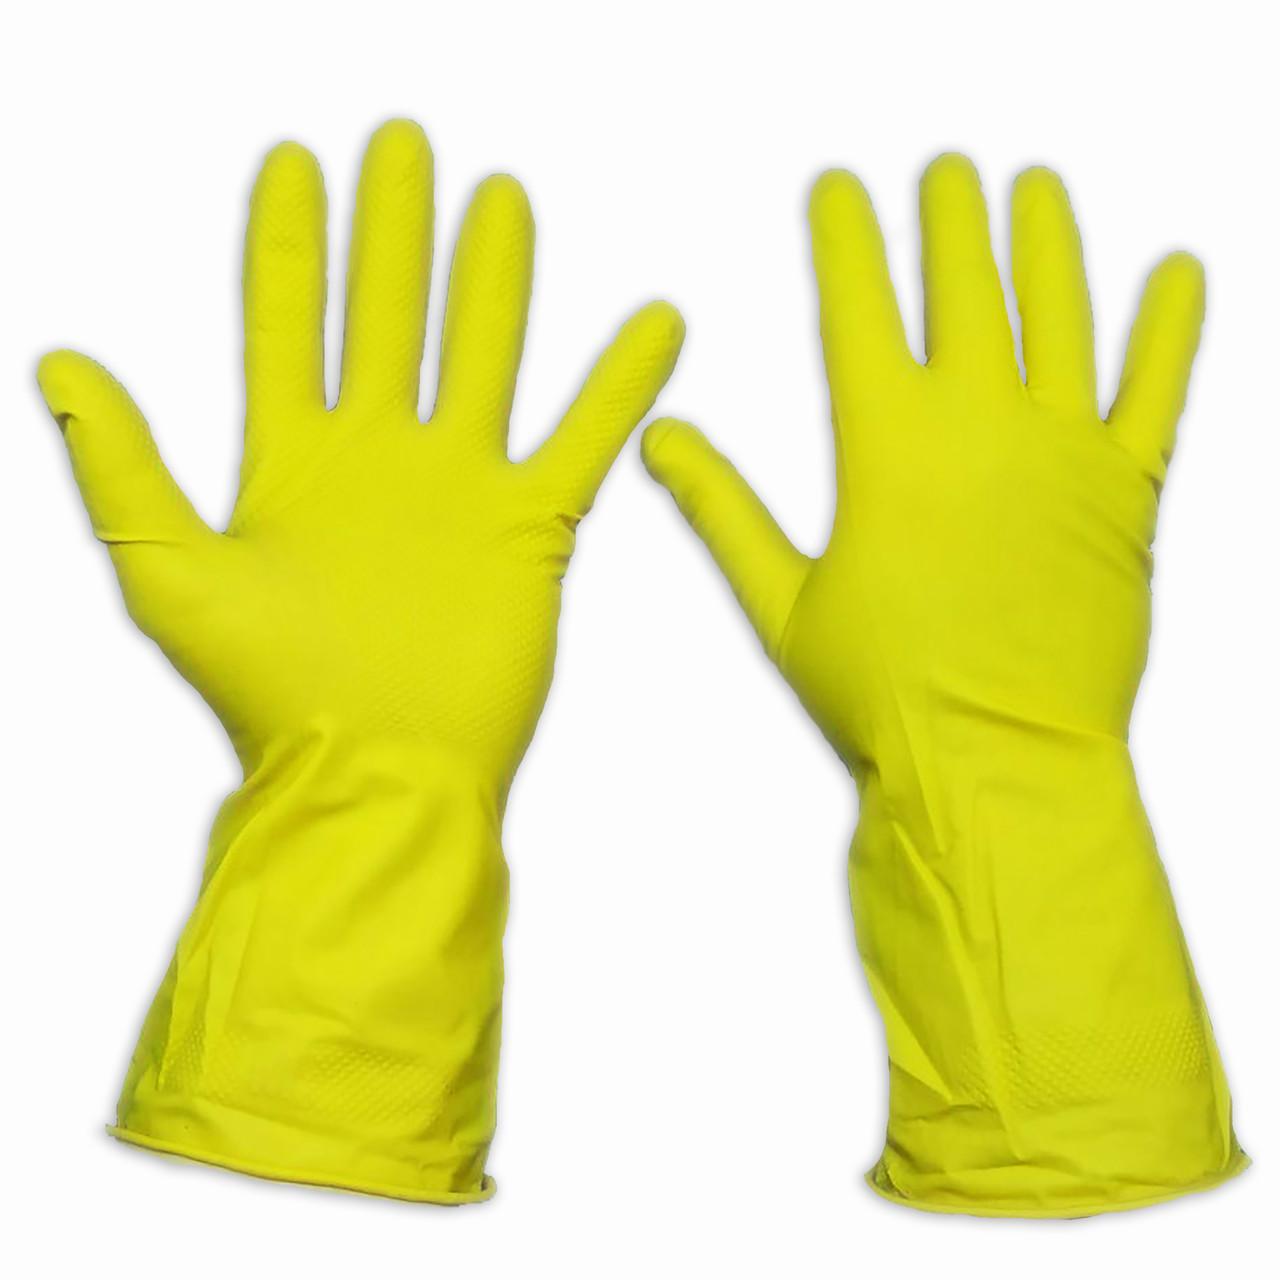 Резиновые перчатки для мытья посуды, прочные, Household Gloves, размер — XL